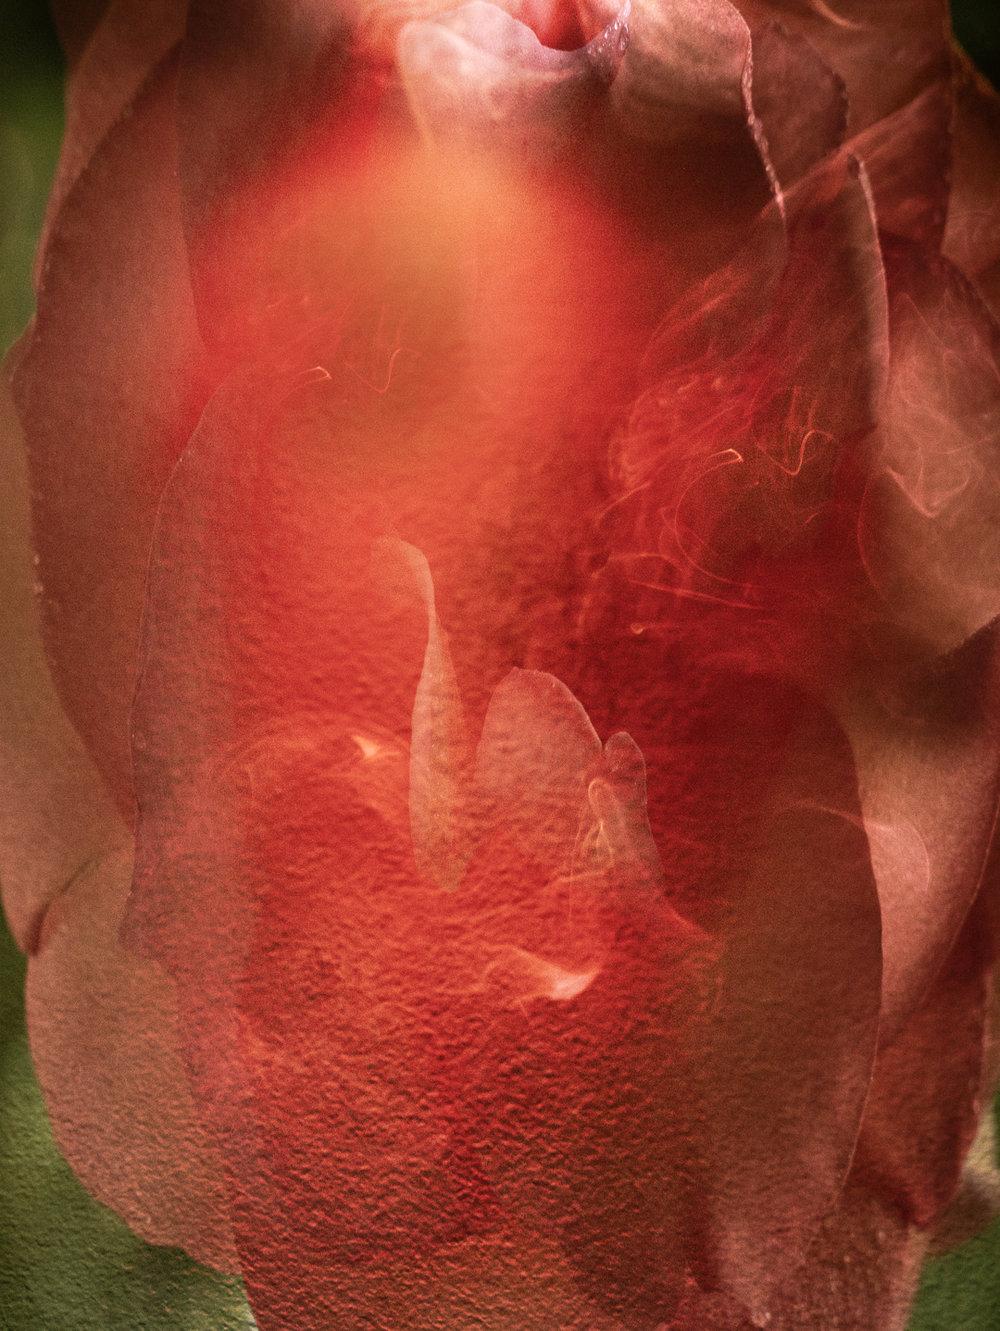 Rosesmoke2-15.jpg